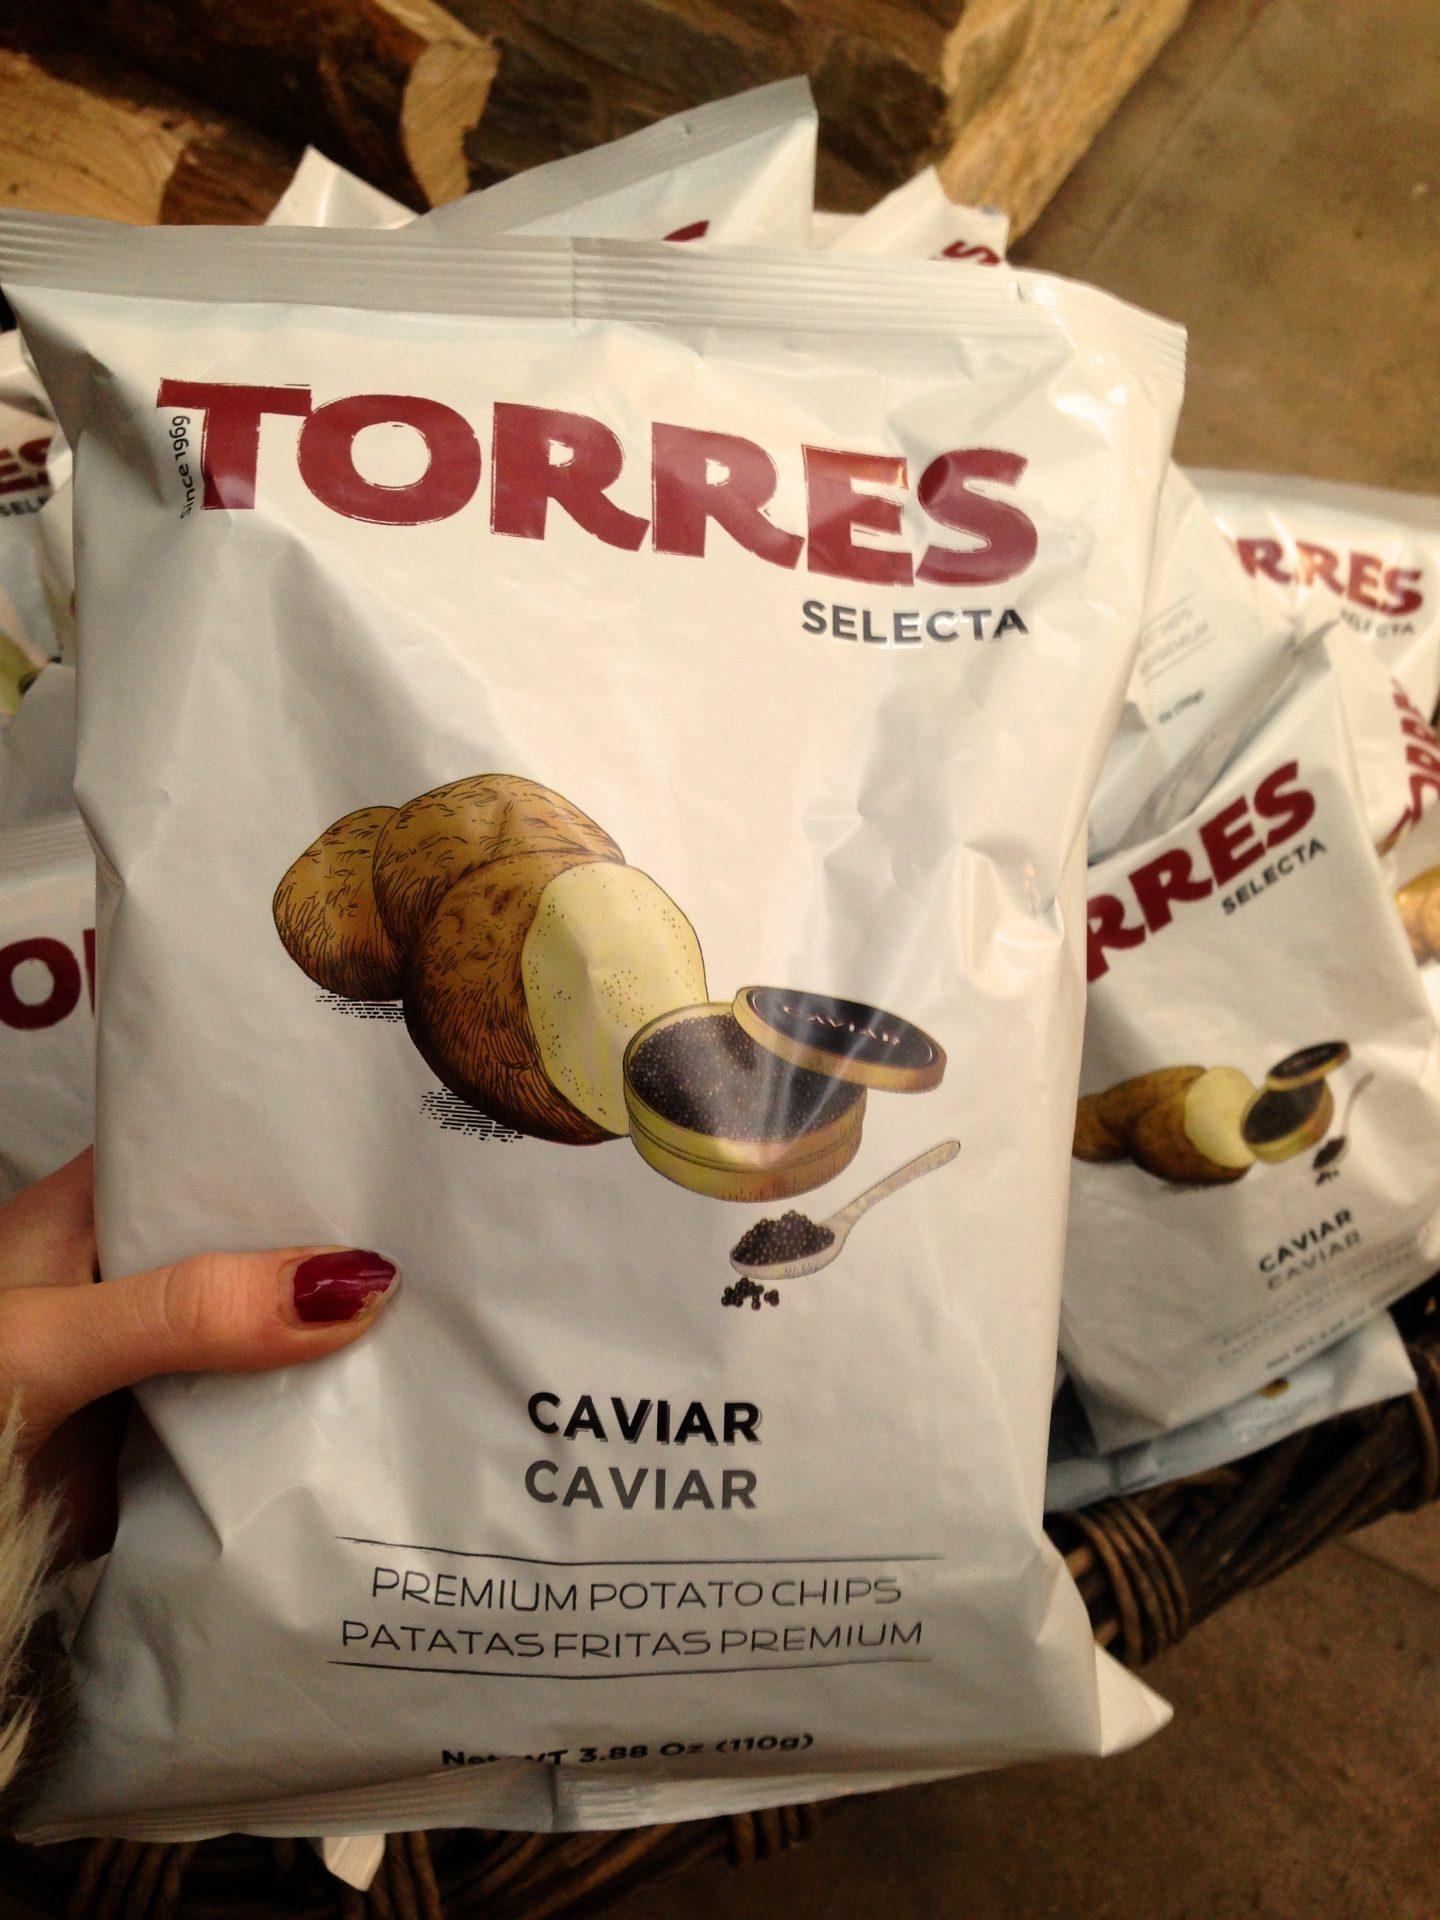 Caviar crisps